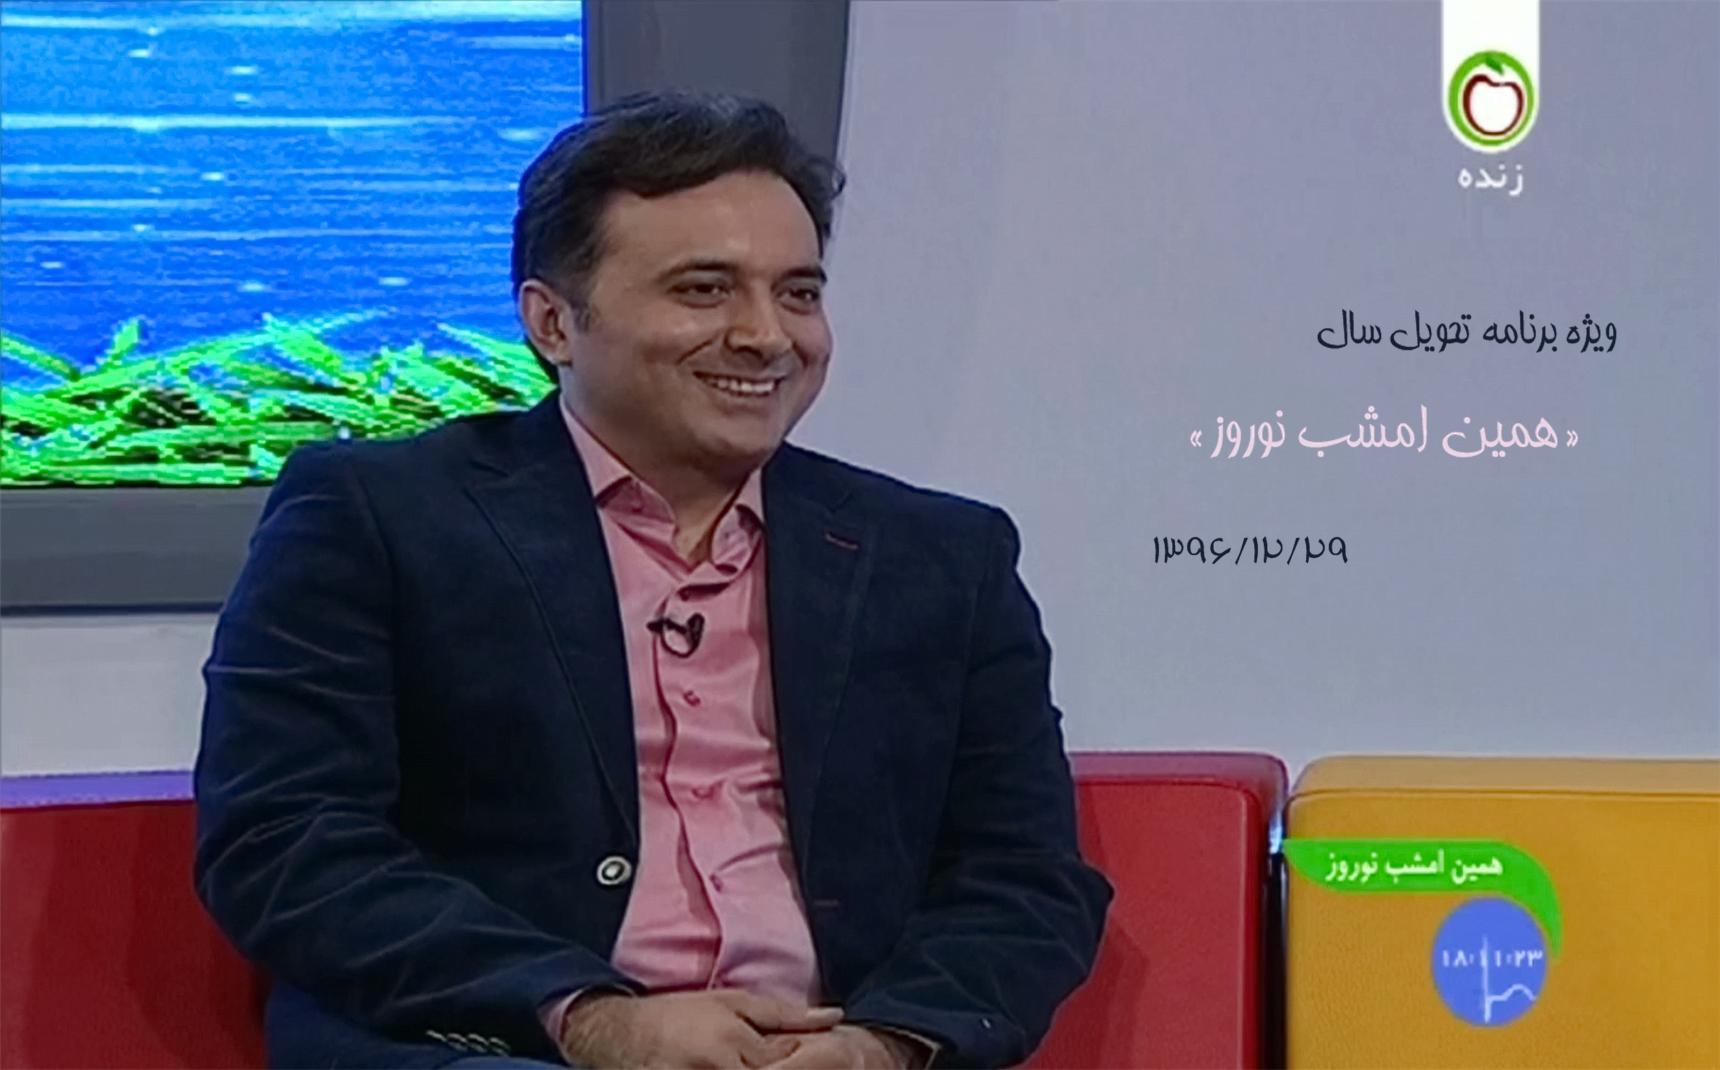 دانلود برنامه «همین امشب نوروز» با حضور مجید اخشابی